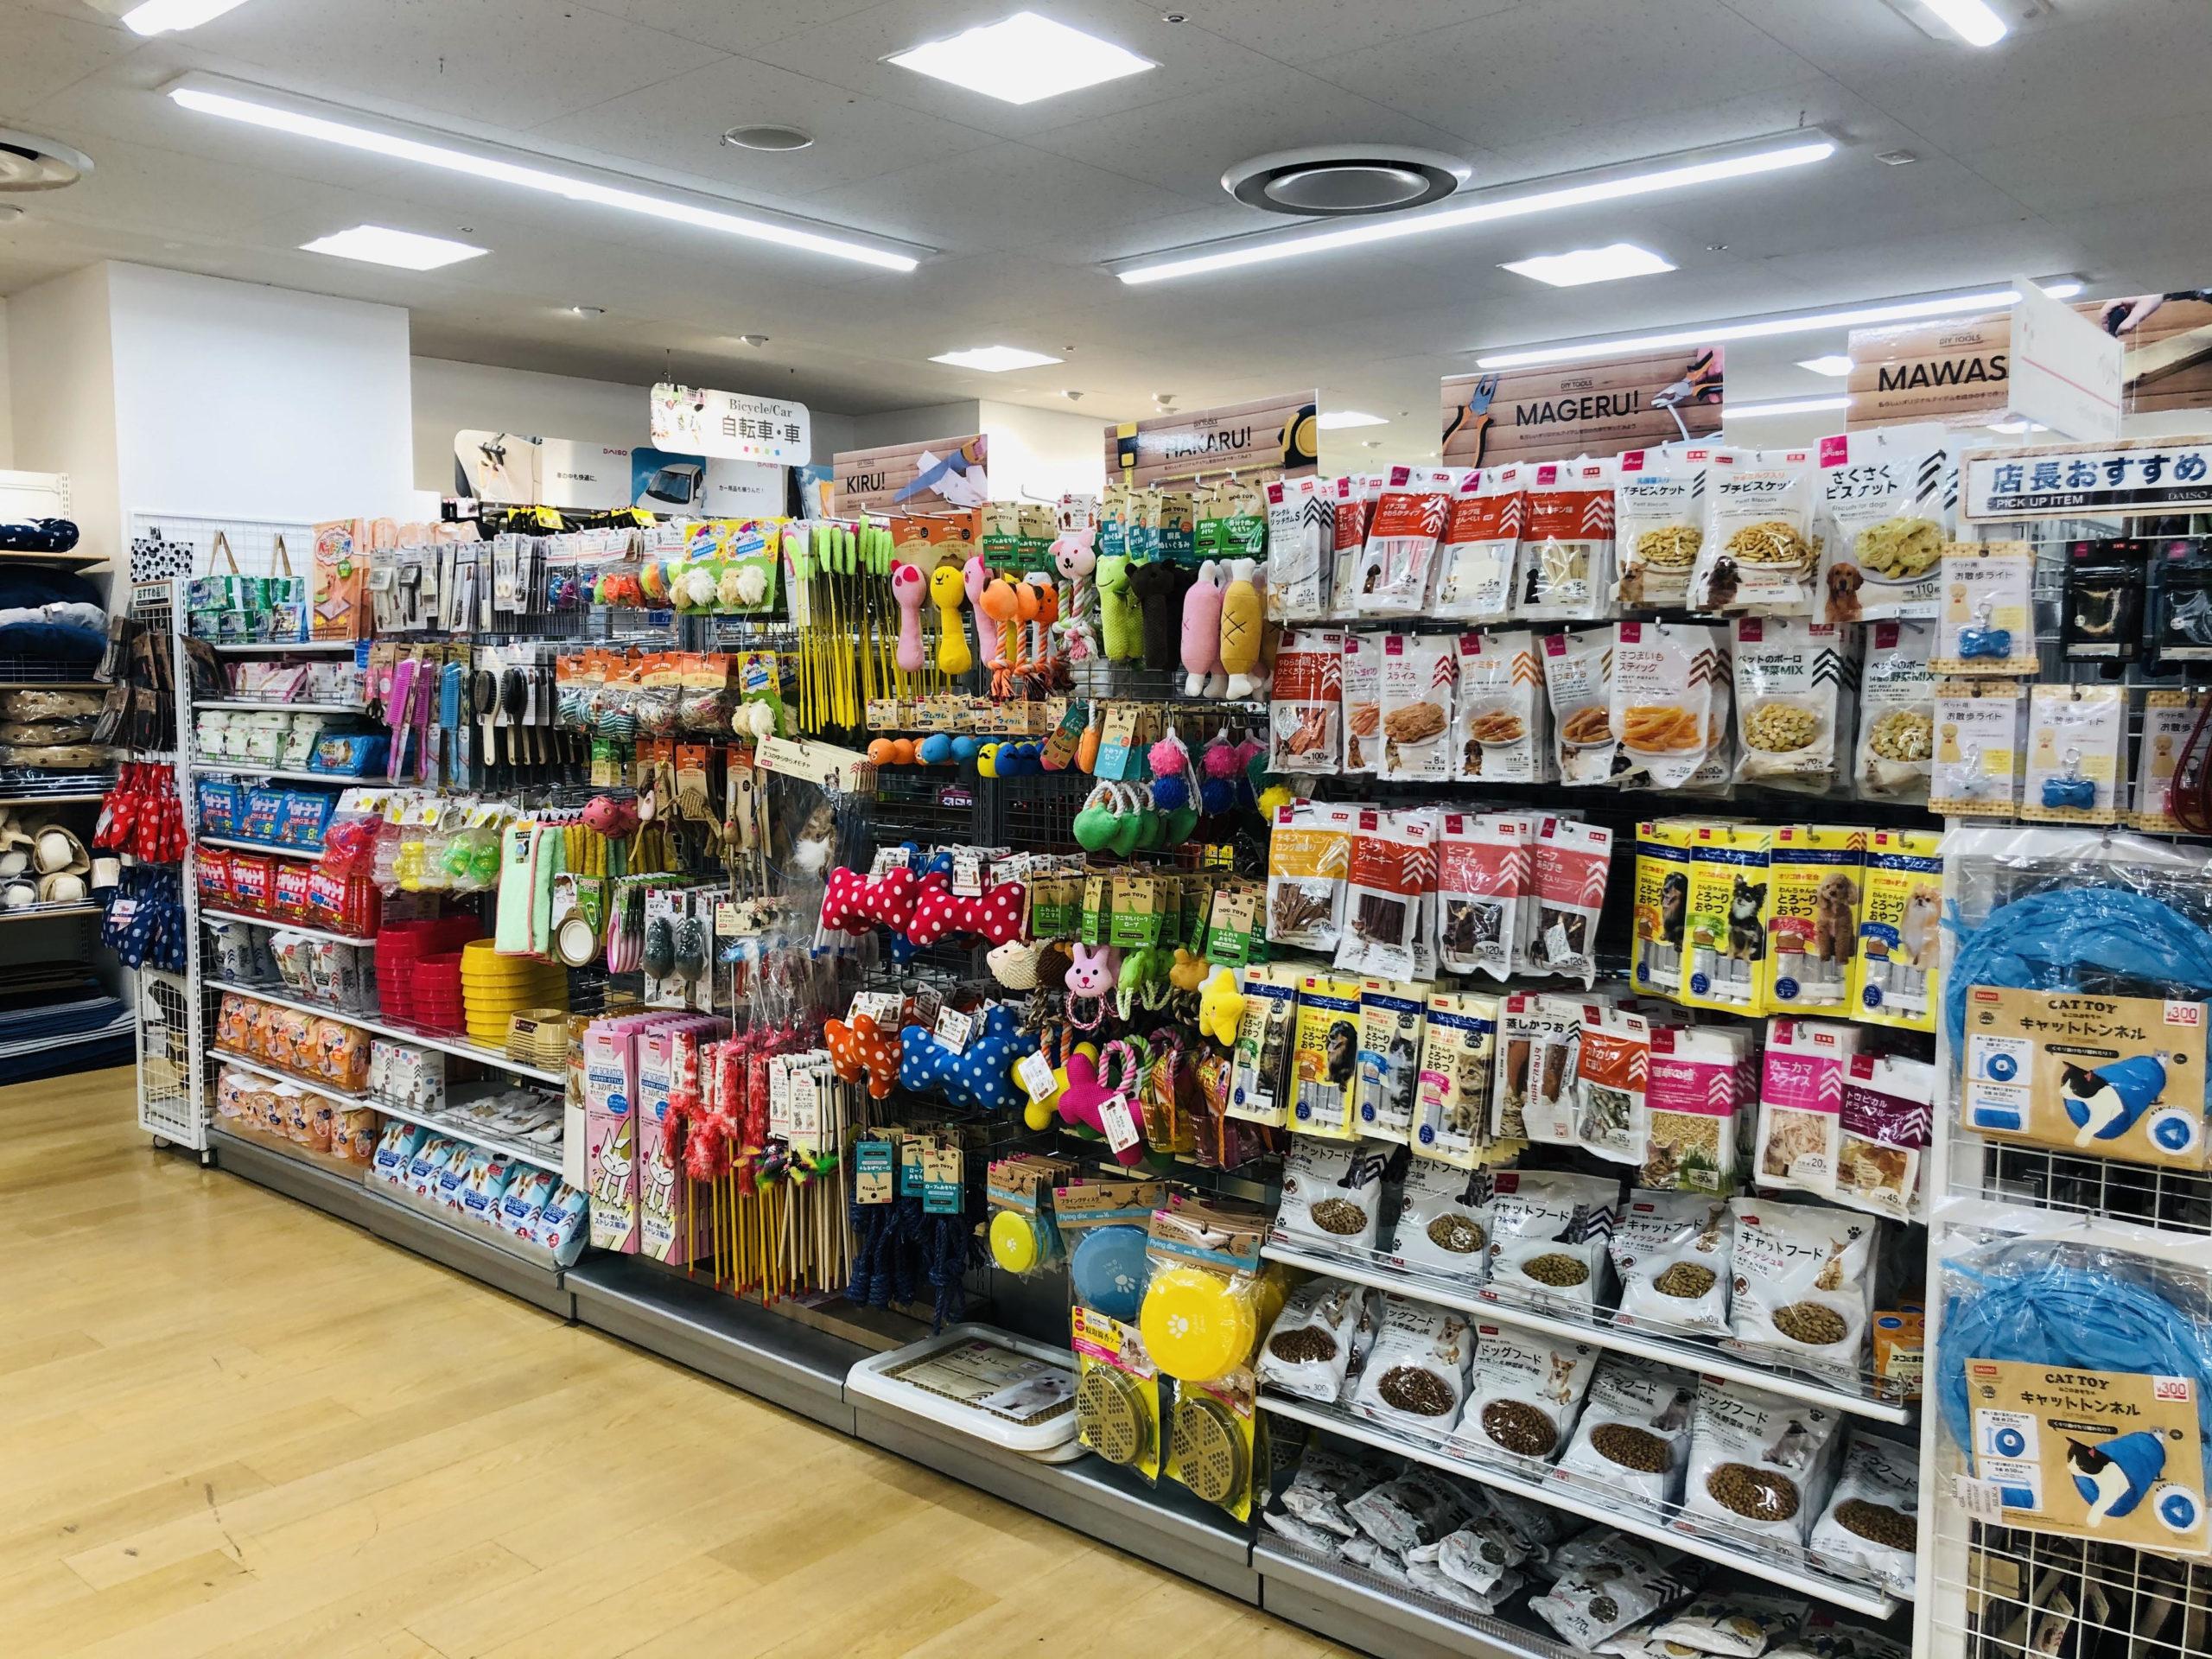 ダイソーアルカキット錦糸町、ペット用品